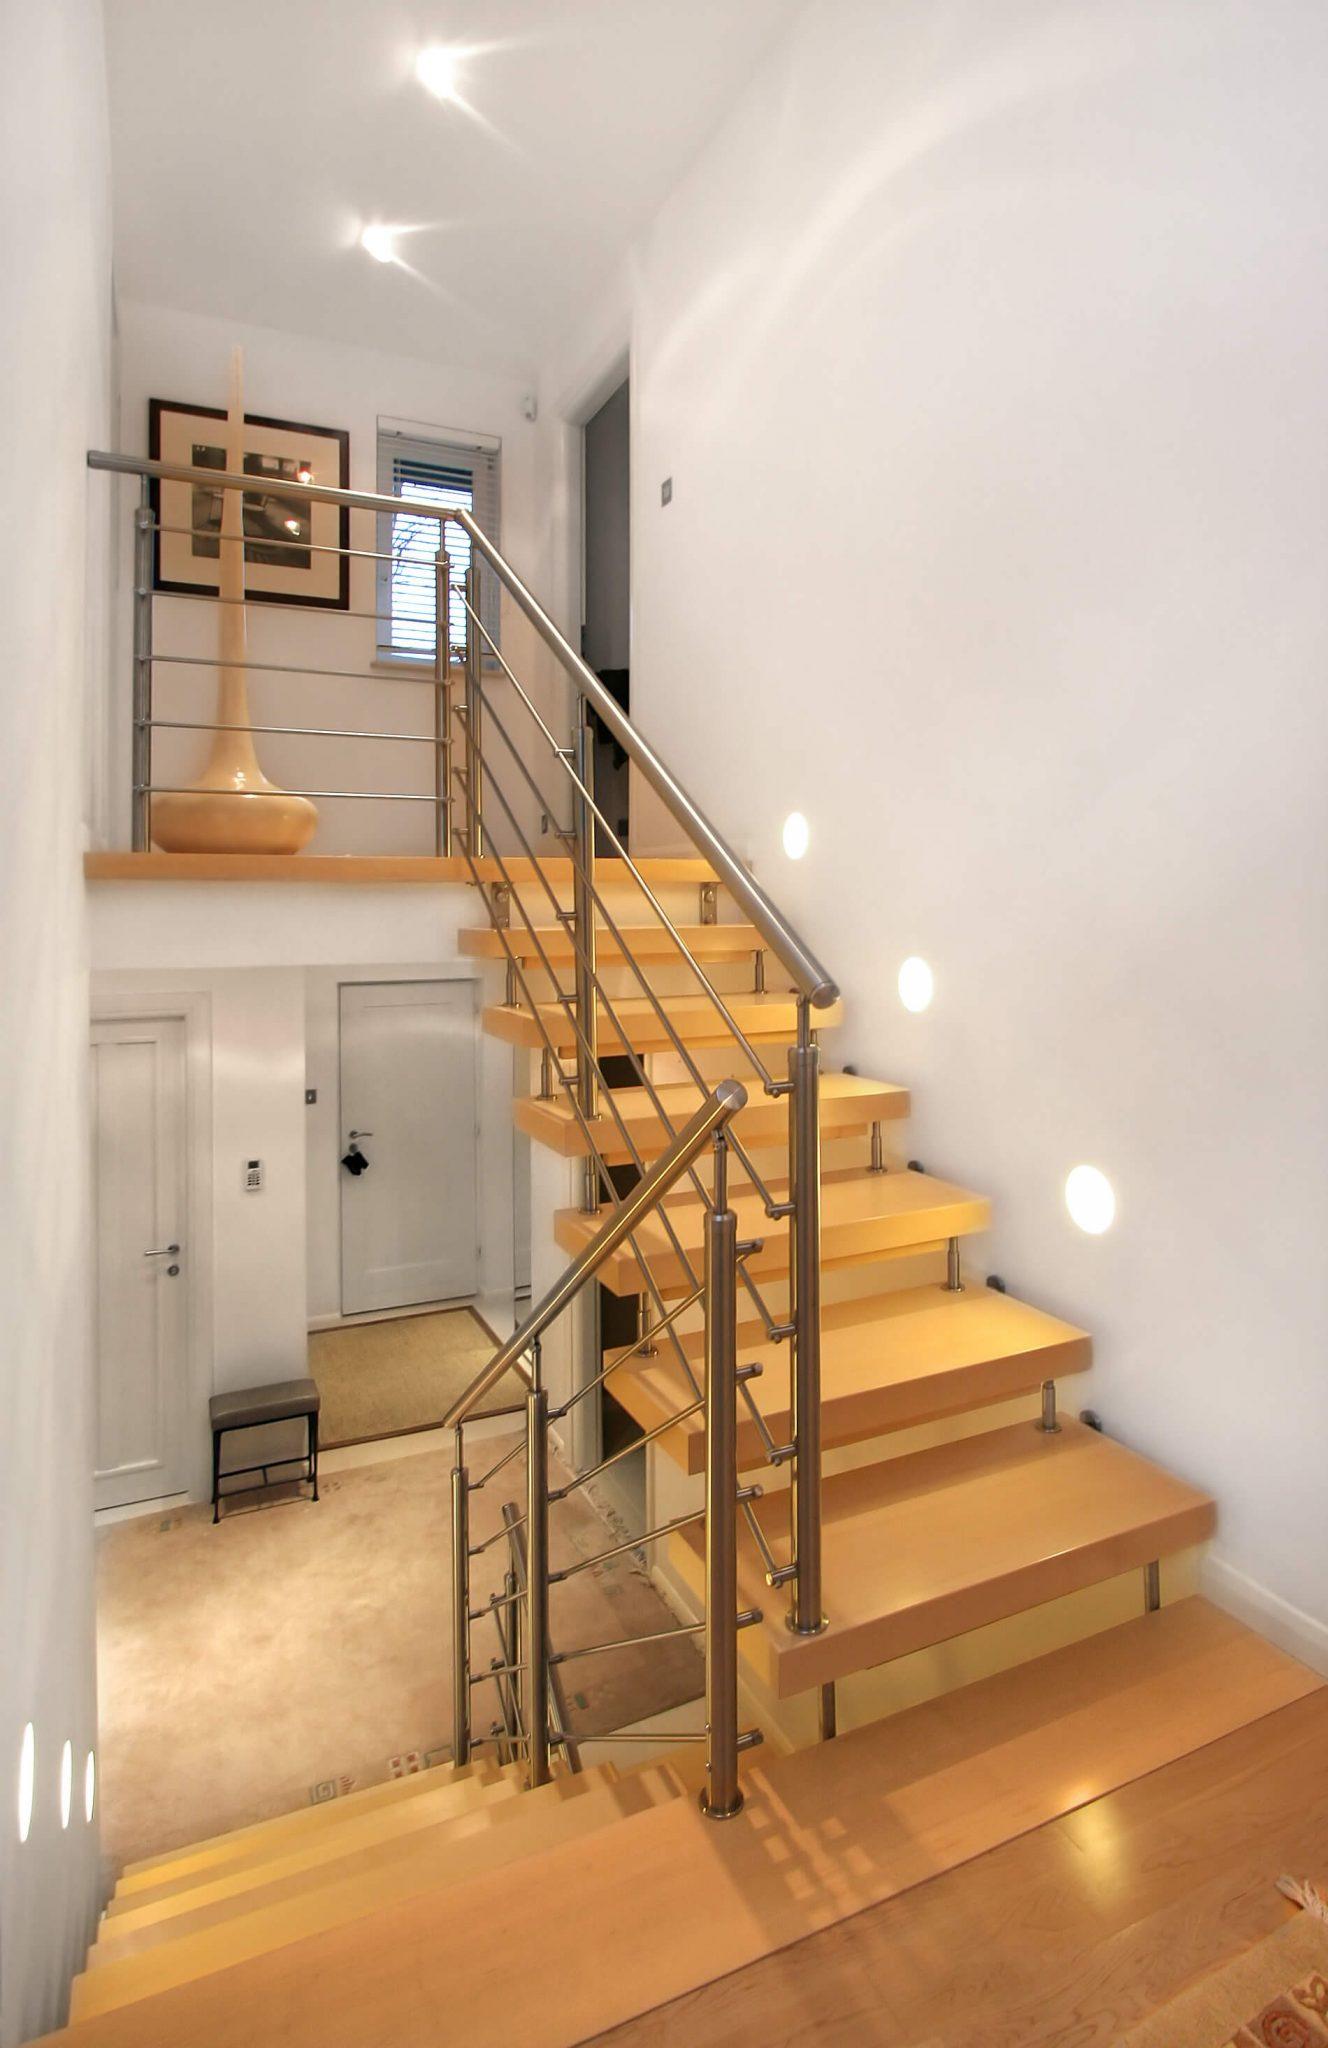 33 flamboyant modern staircase designs - Escaleras modernas interiores ...